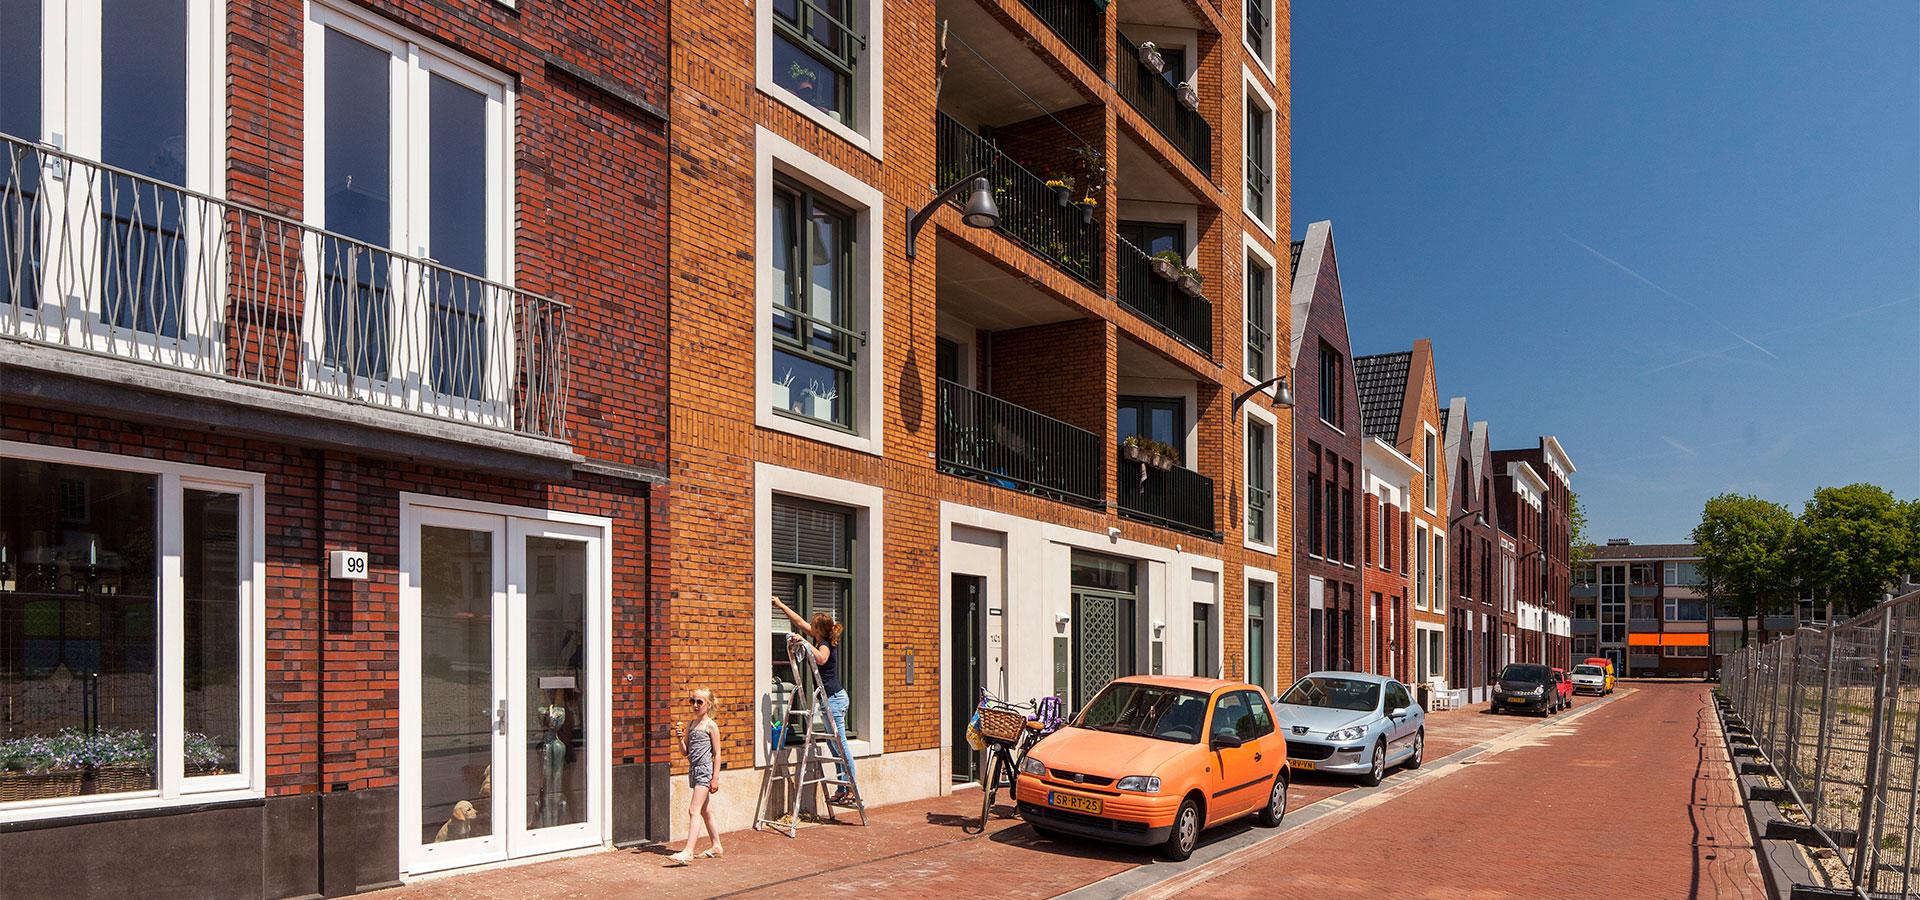 FARO architecten herstructurering Oud IJmuiden 05